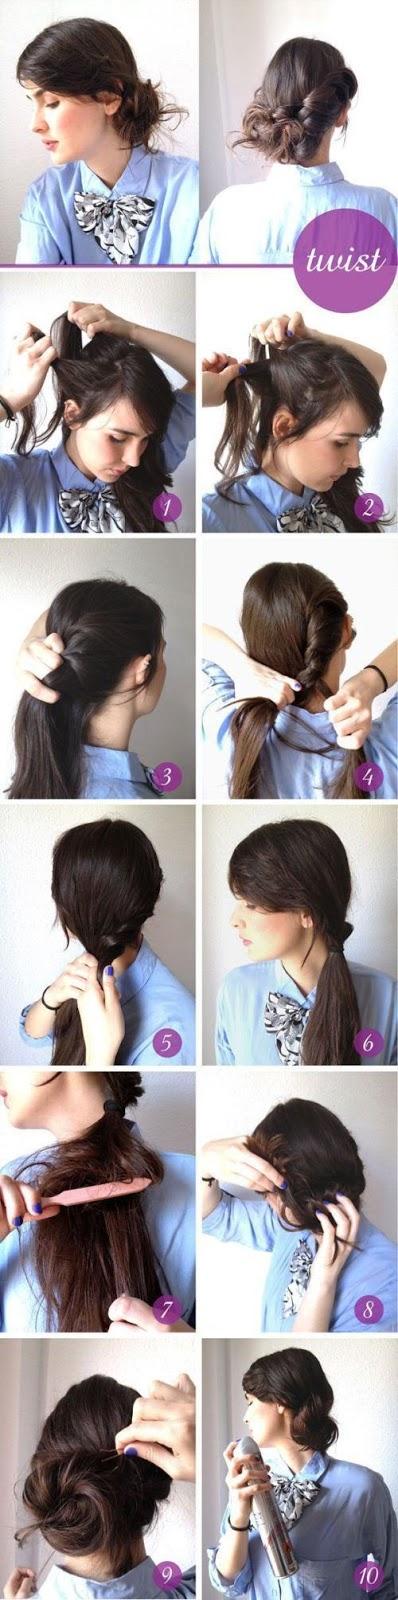 DIY Hairstyles Step by Step